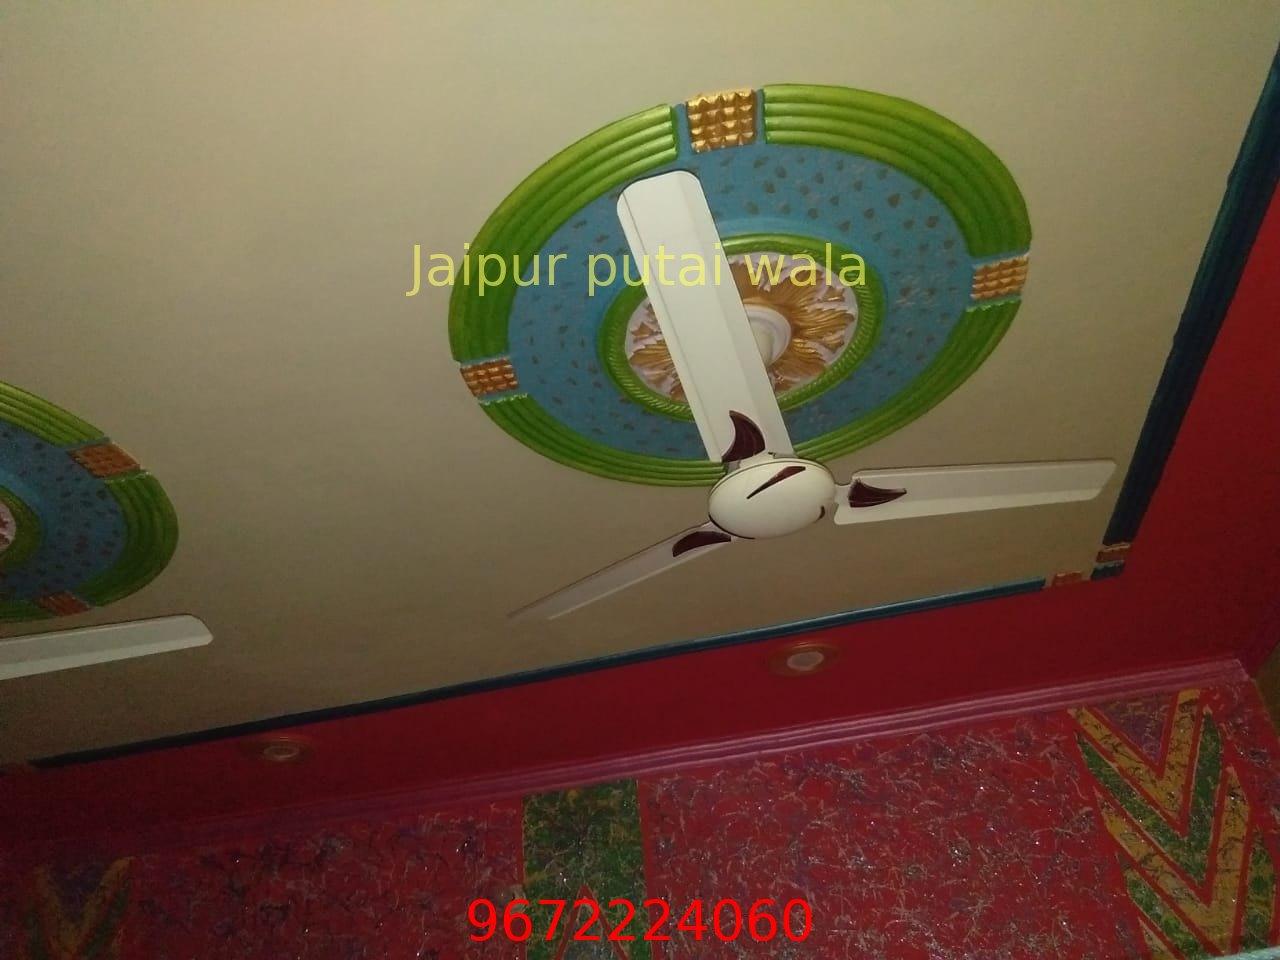 designer-false-ceiling-jaipur-06.jpg